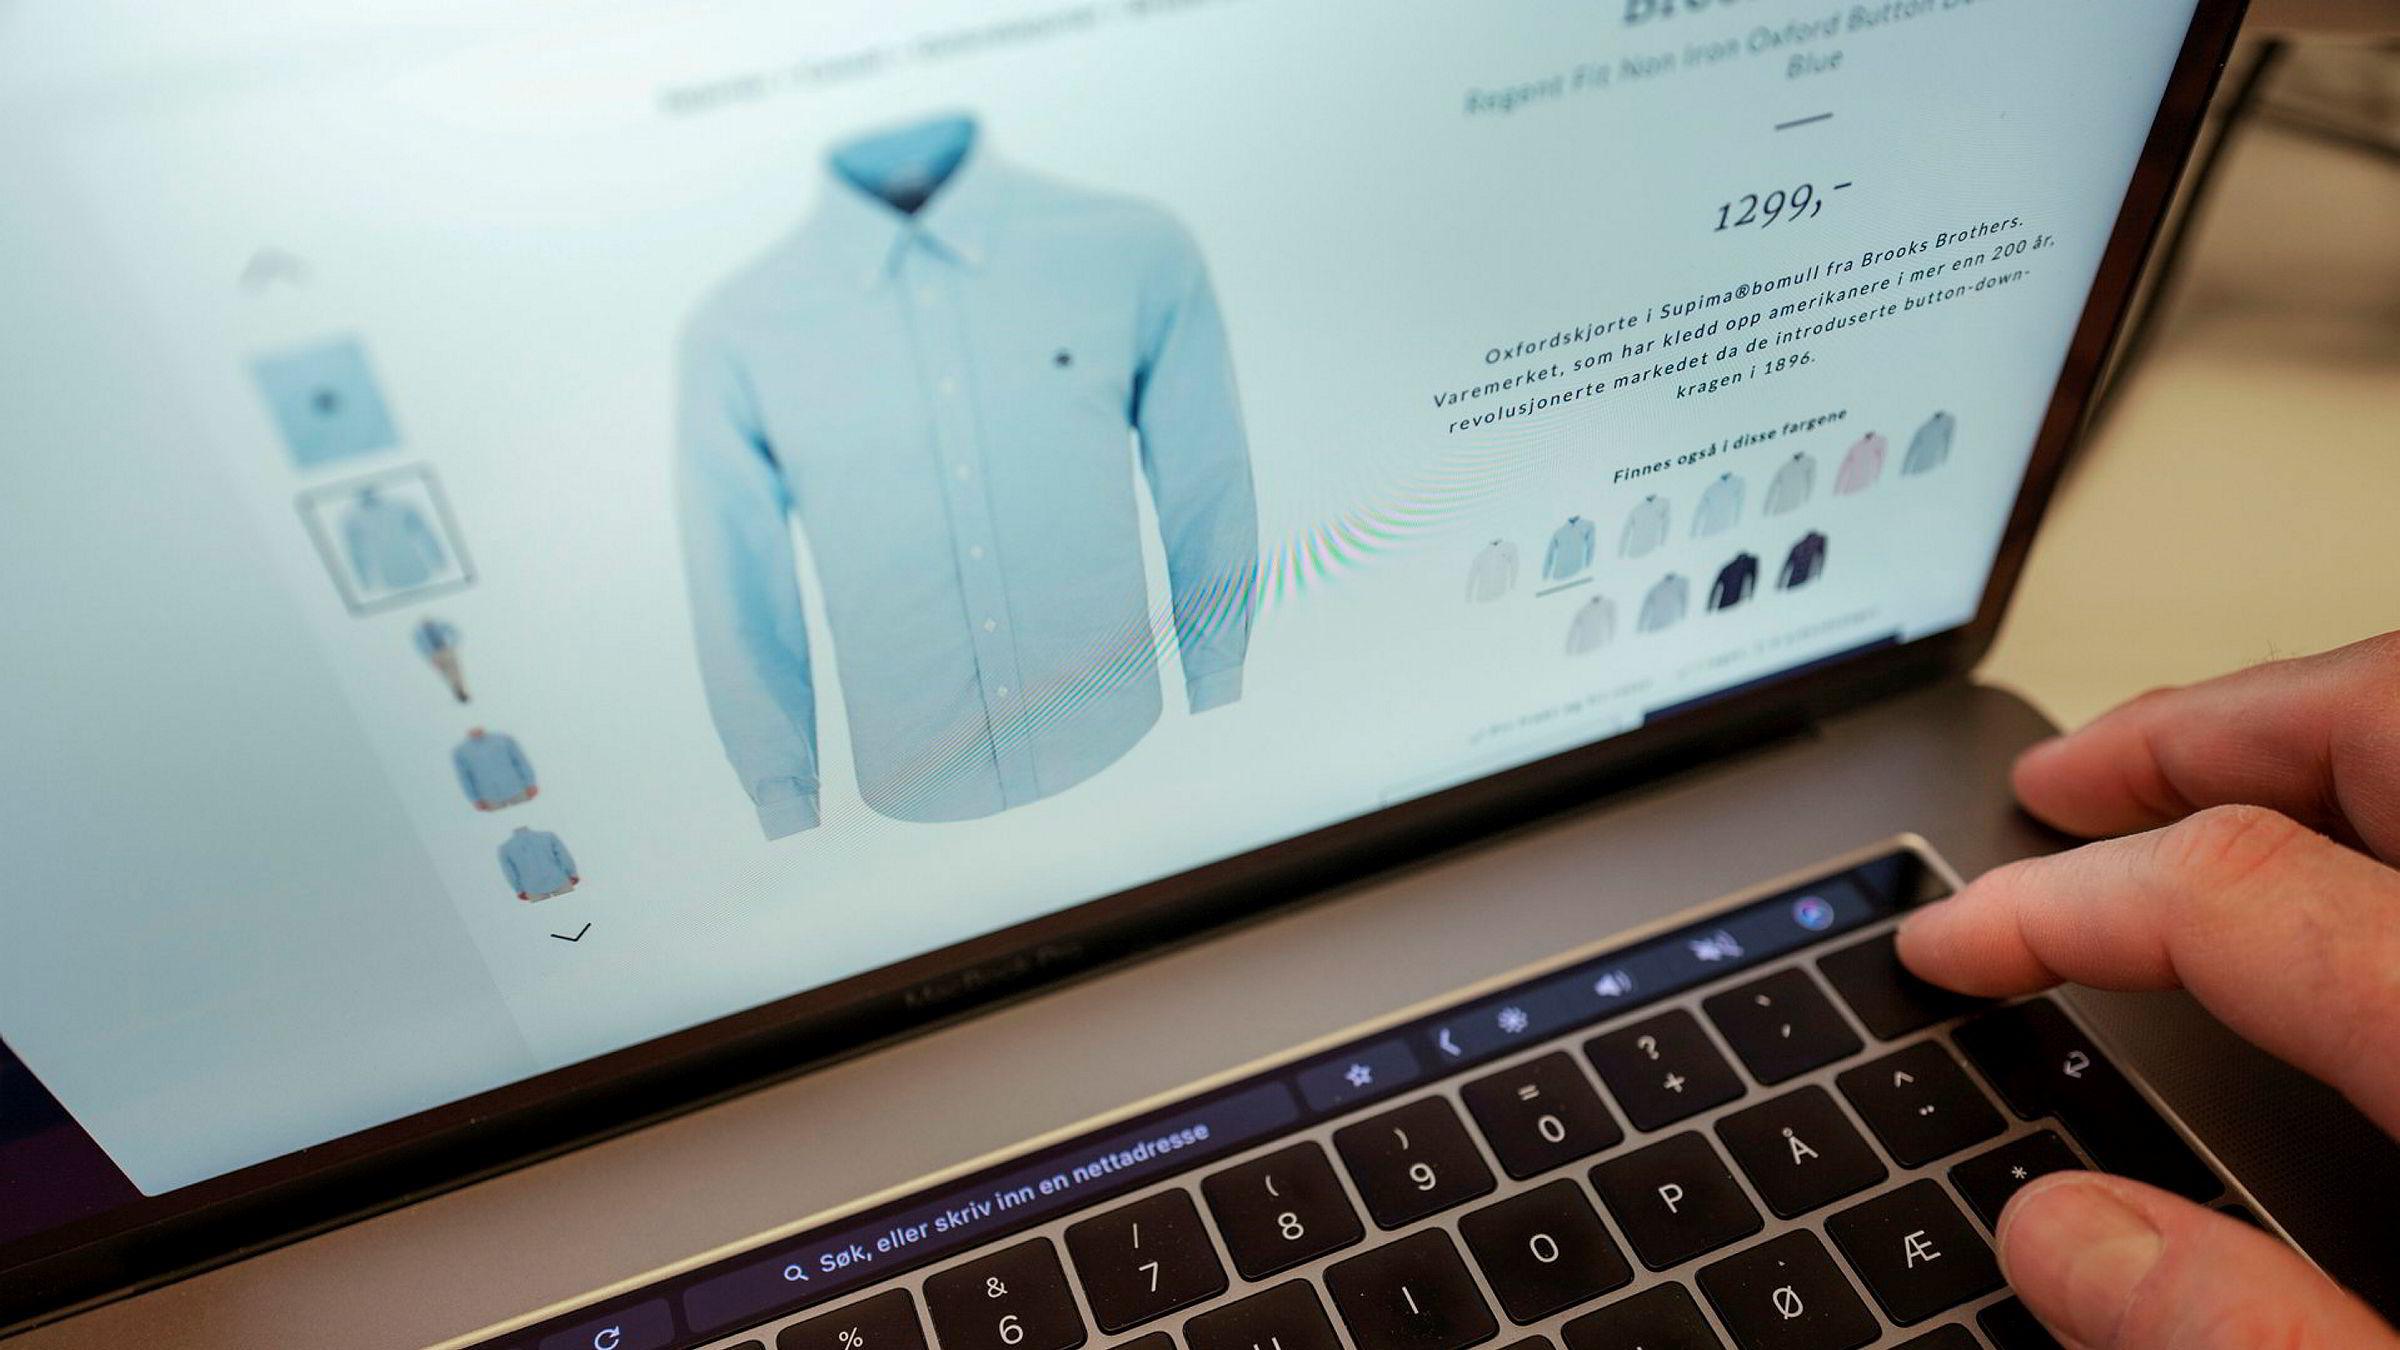 Min favorittprodusent, Apple, vet det meste om meg og andre fans. Alt vi fans vil ha ekstra – pro-modellen av den nyeste telefonen, raskest mulig prosessor. Og at jeg har en svakhet for lyseblå button-down-skjorter, skriver Victor D. Norman i kronikken.